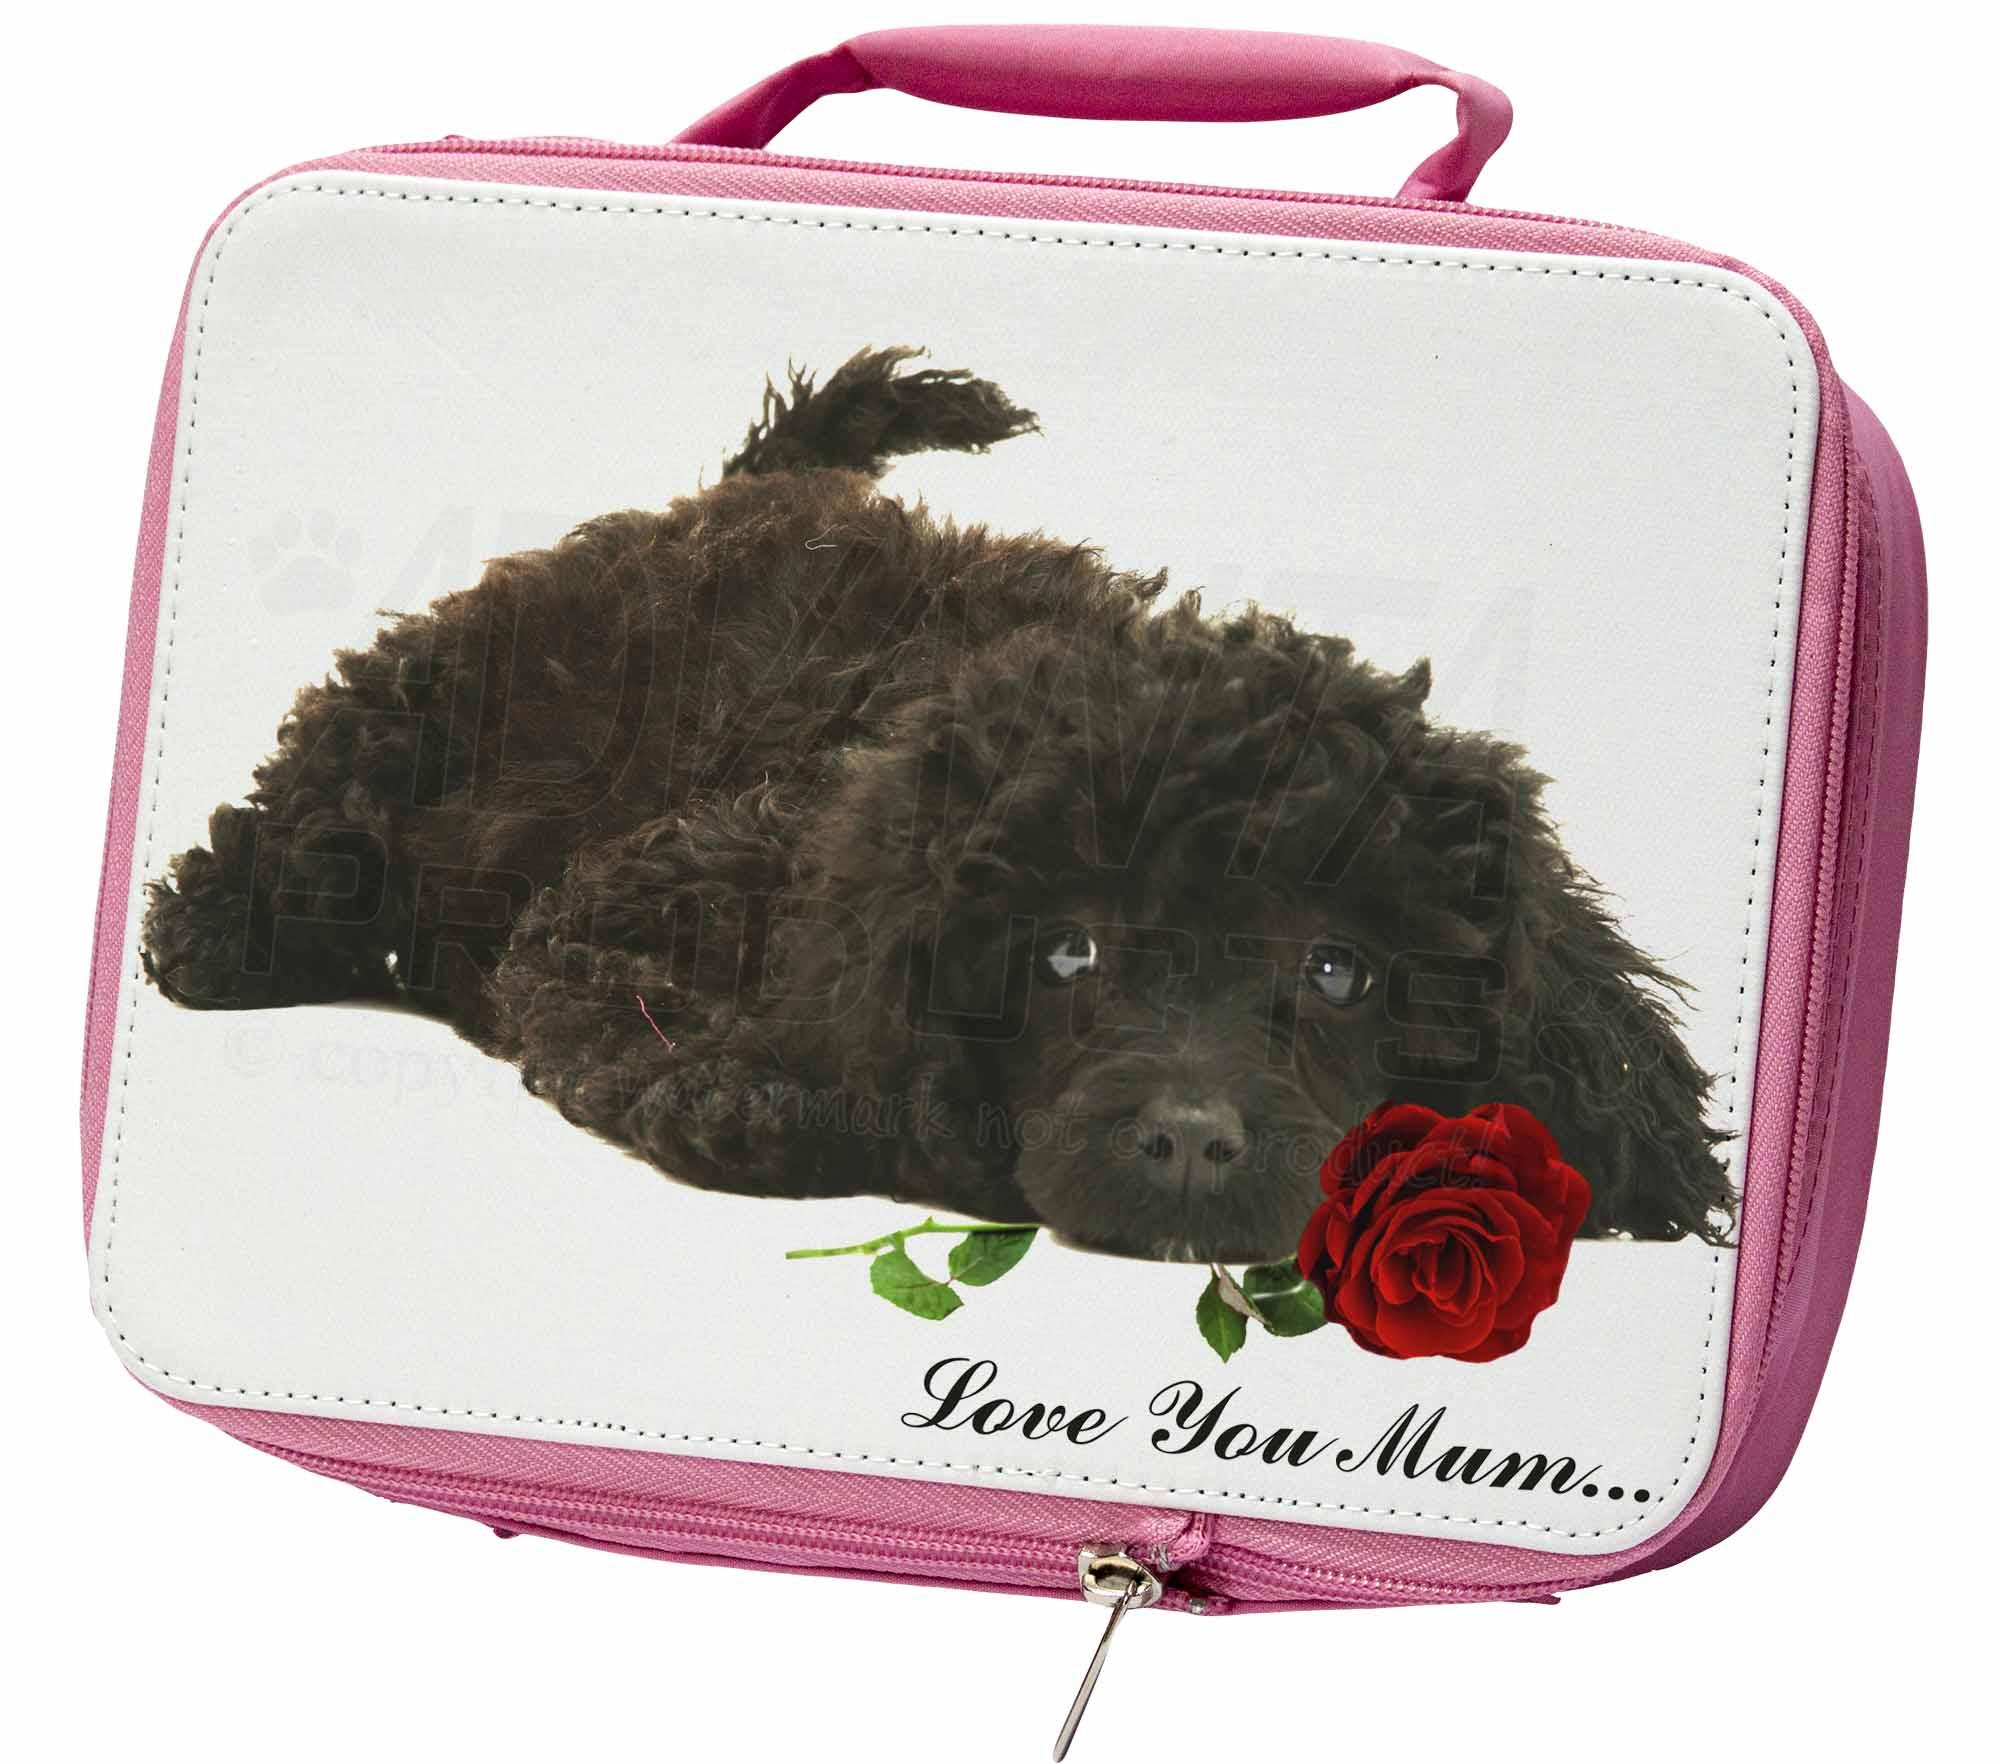 Barboncino+rosa 'amore Che Te Mamma' Ermetica Rosa Porta Pranzo, Ad-pod9rlymlbp Rosa-  - ebay.it